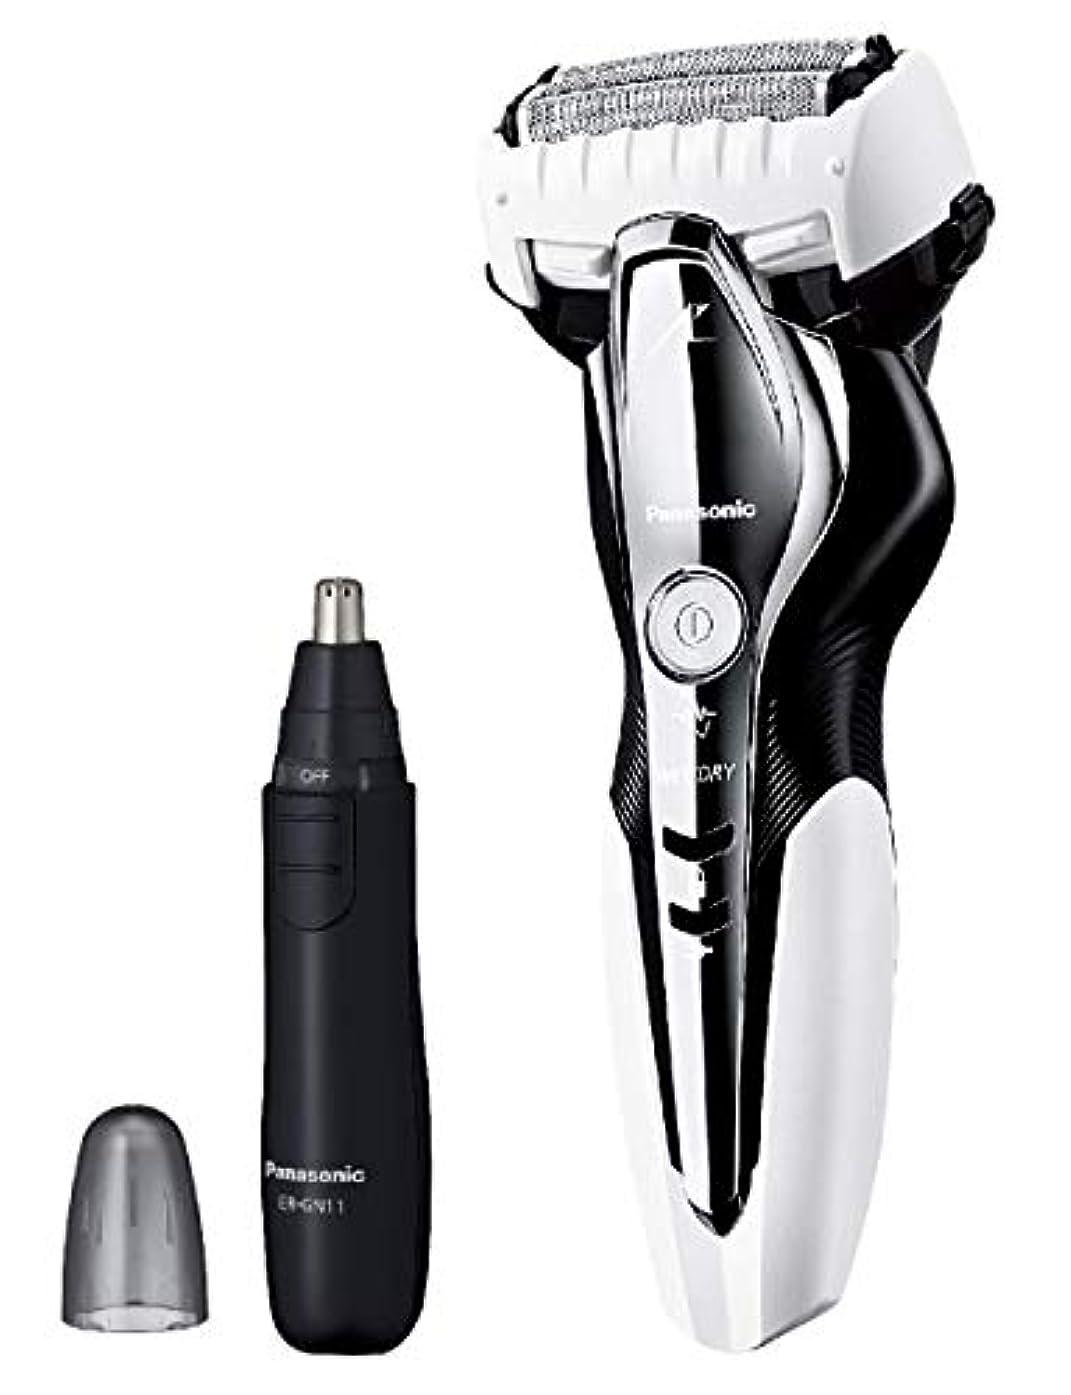 実験風邪をひくマントルパナソニック ラムダッシュ メンズシェーバー 3枚刃 お風呂剃り可 白 ES-ST2Q-W + エチケットカッターER-GN11-K セット